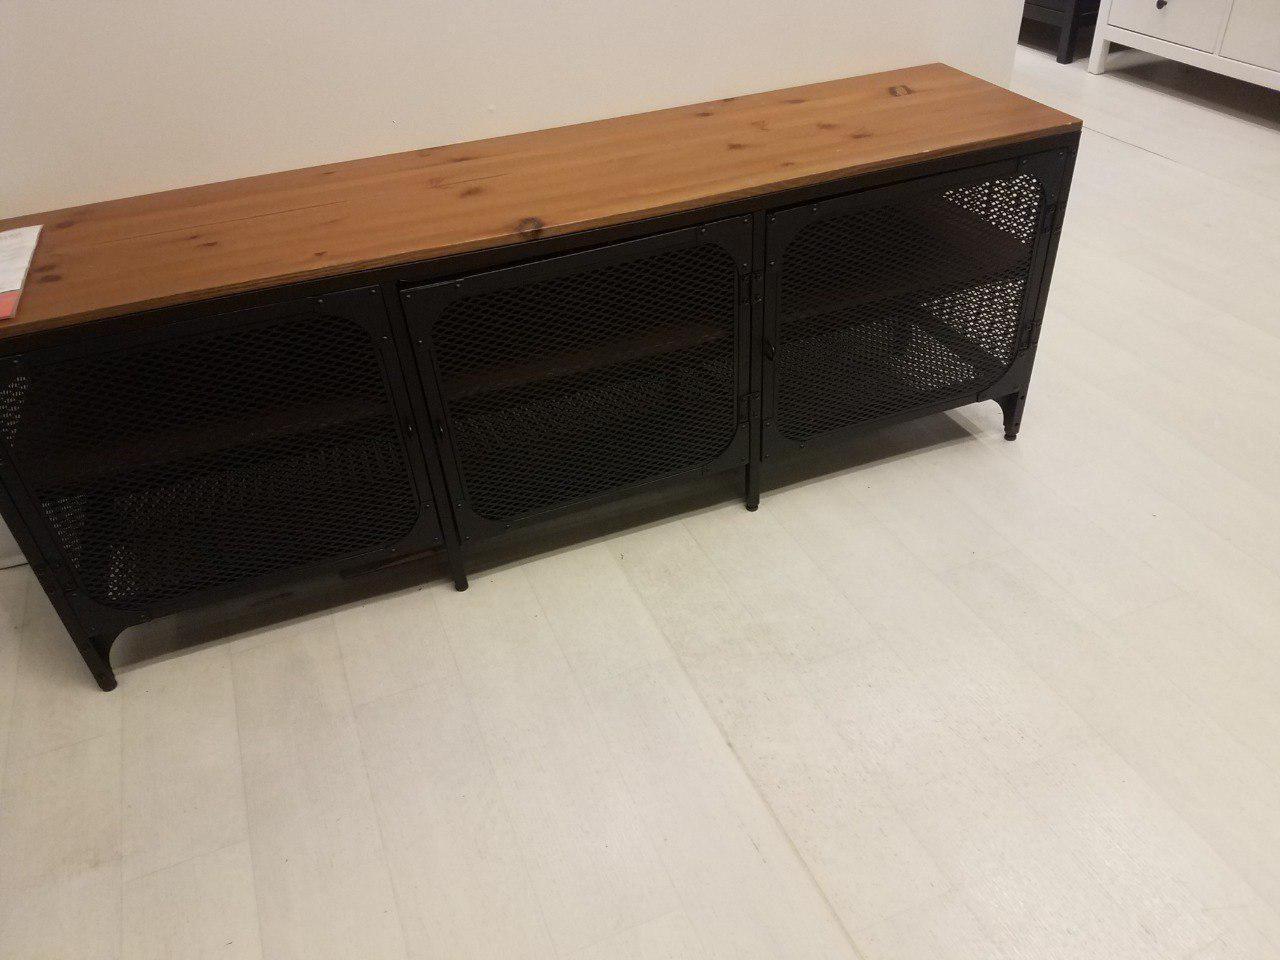 Fjallbo tv stand hallway table ikea 149